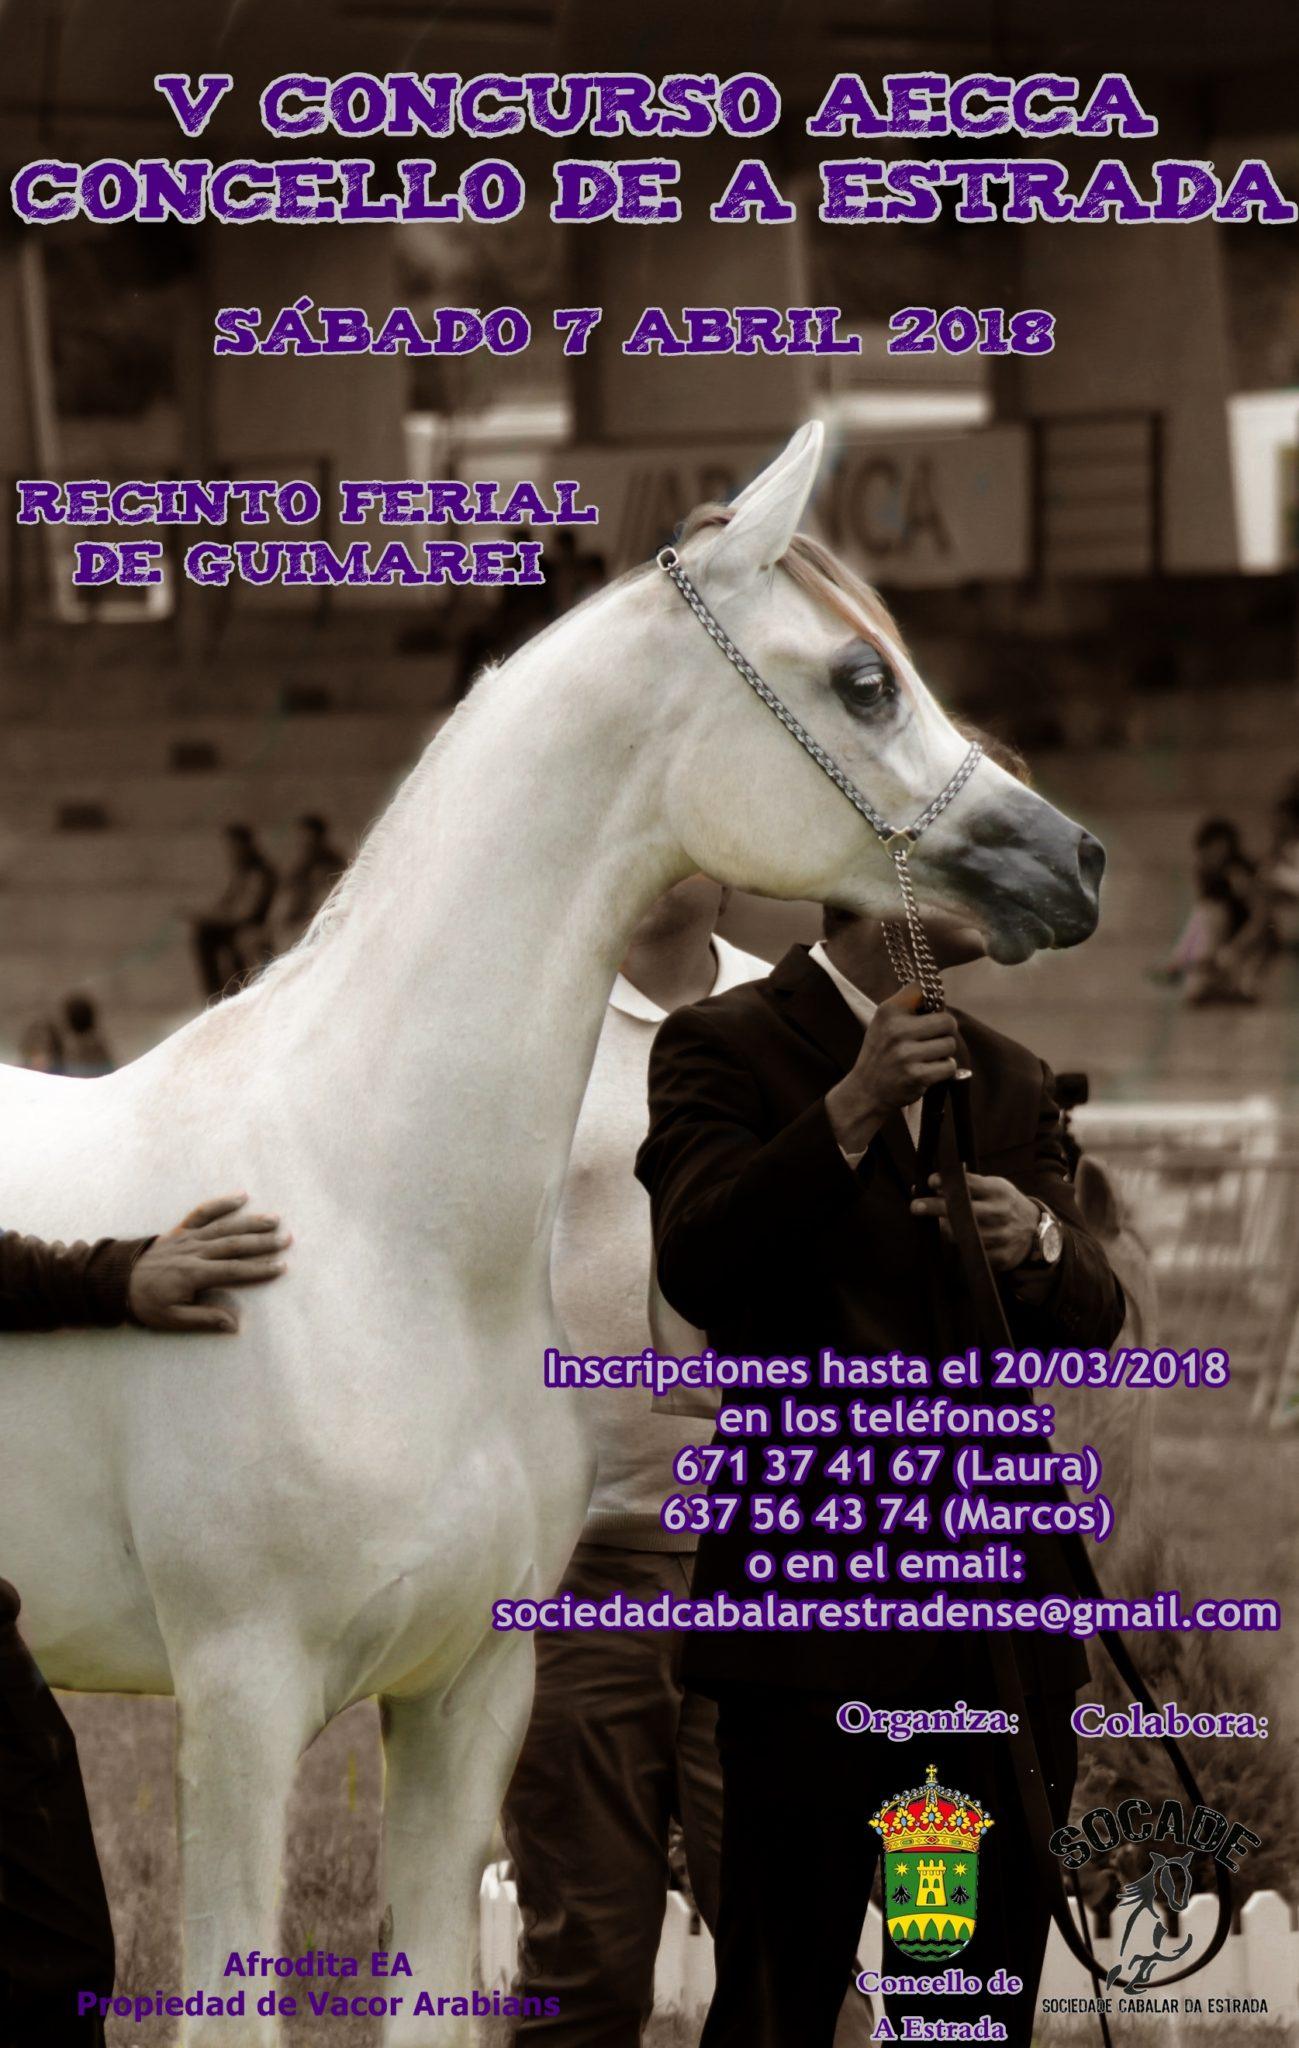 morfologico de caballos arabes de A Estrada